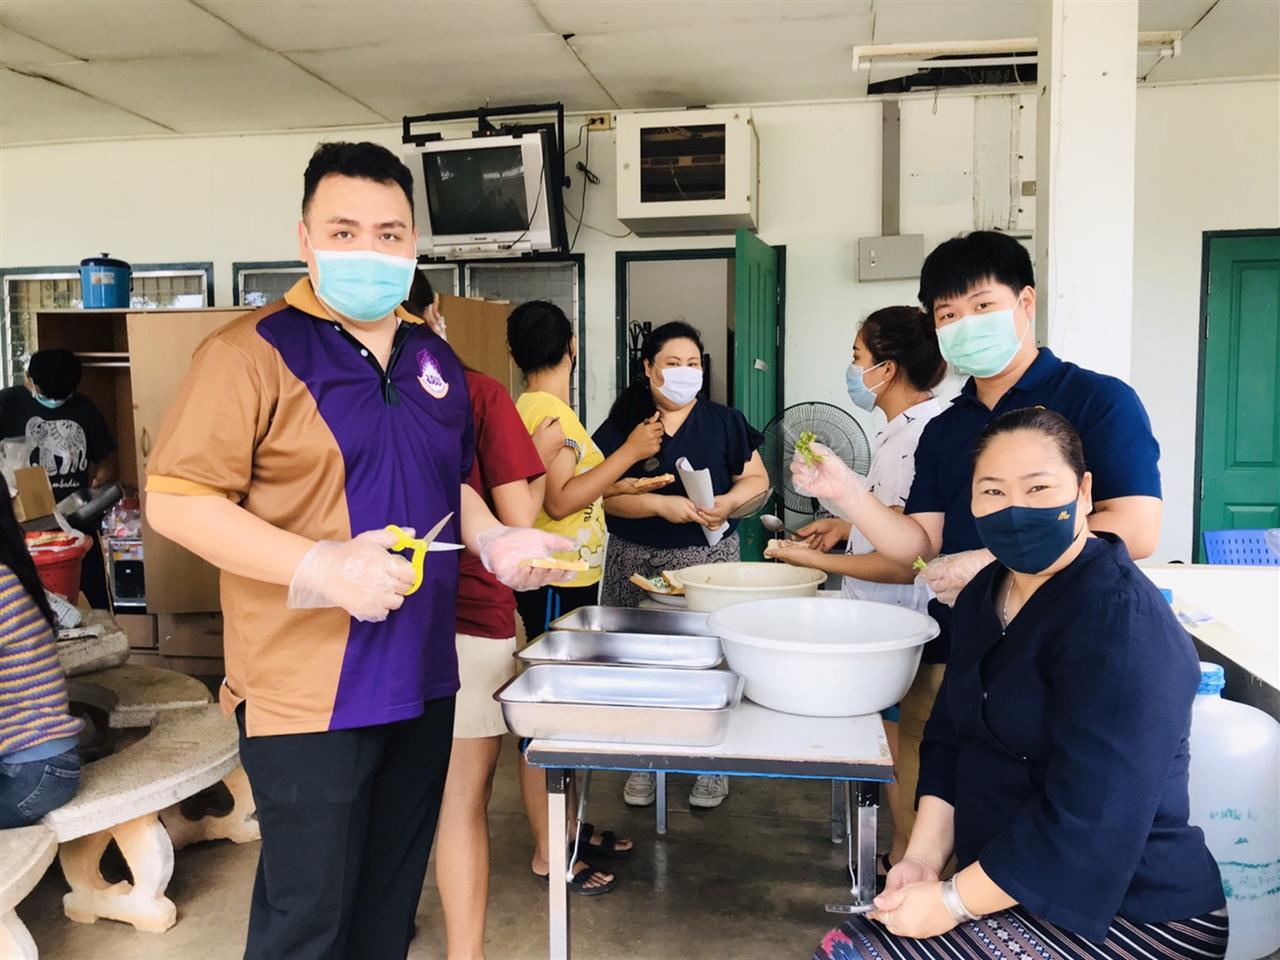 กิจกรรมอบรมเชิงปฎิบัติการ (Work Shop) เพื่อส่งเสริมคุณลักษณะความเป็นไทย (Thainess) ครั้งที่ 2